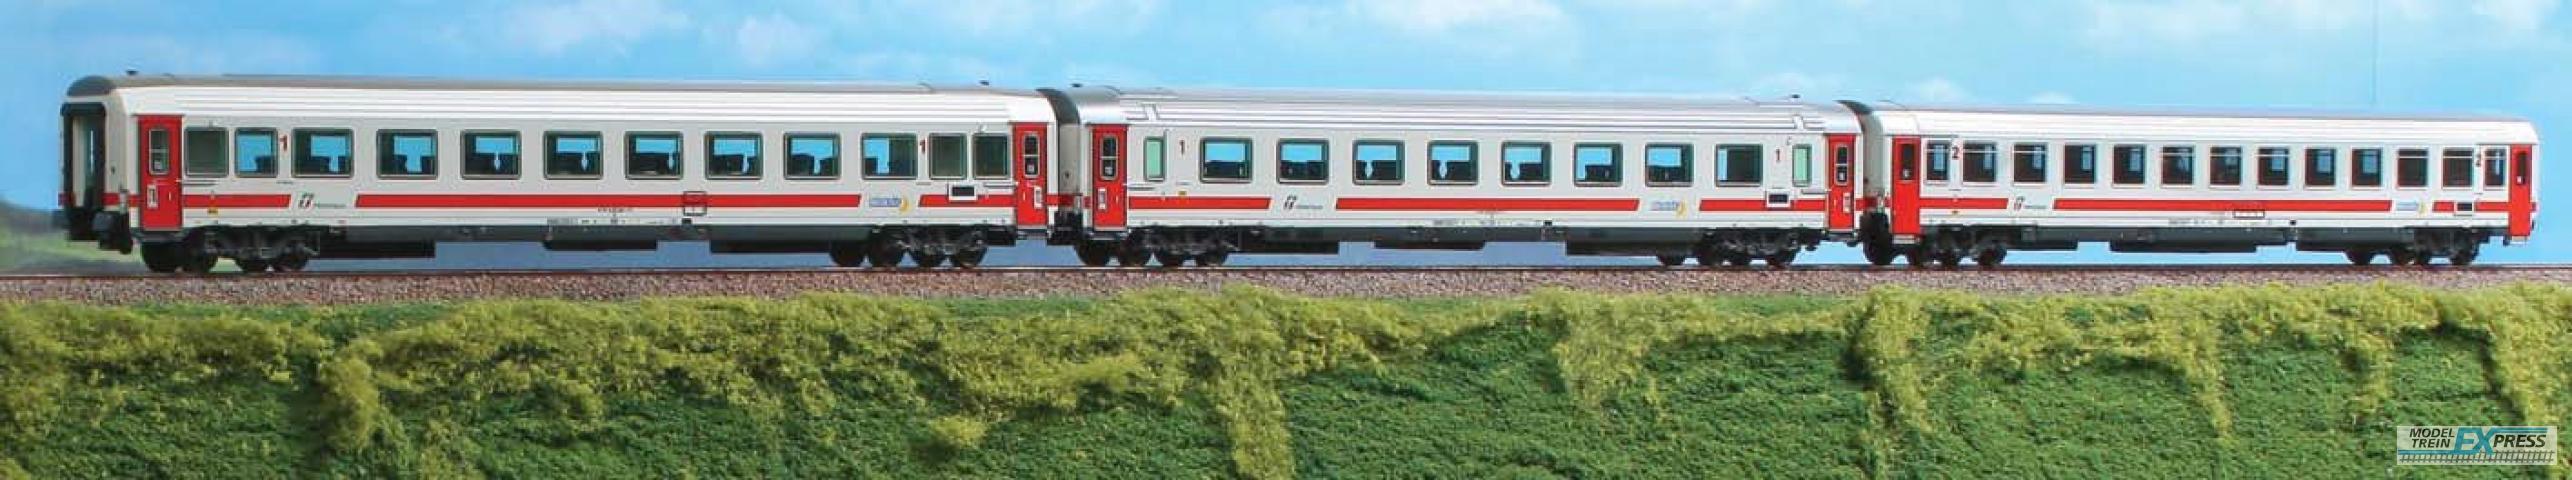 ACME 55194